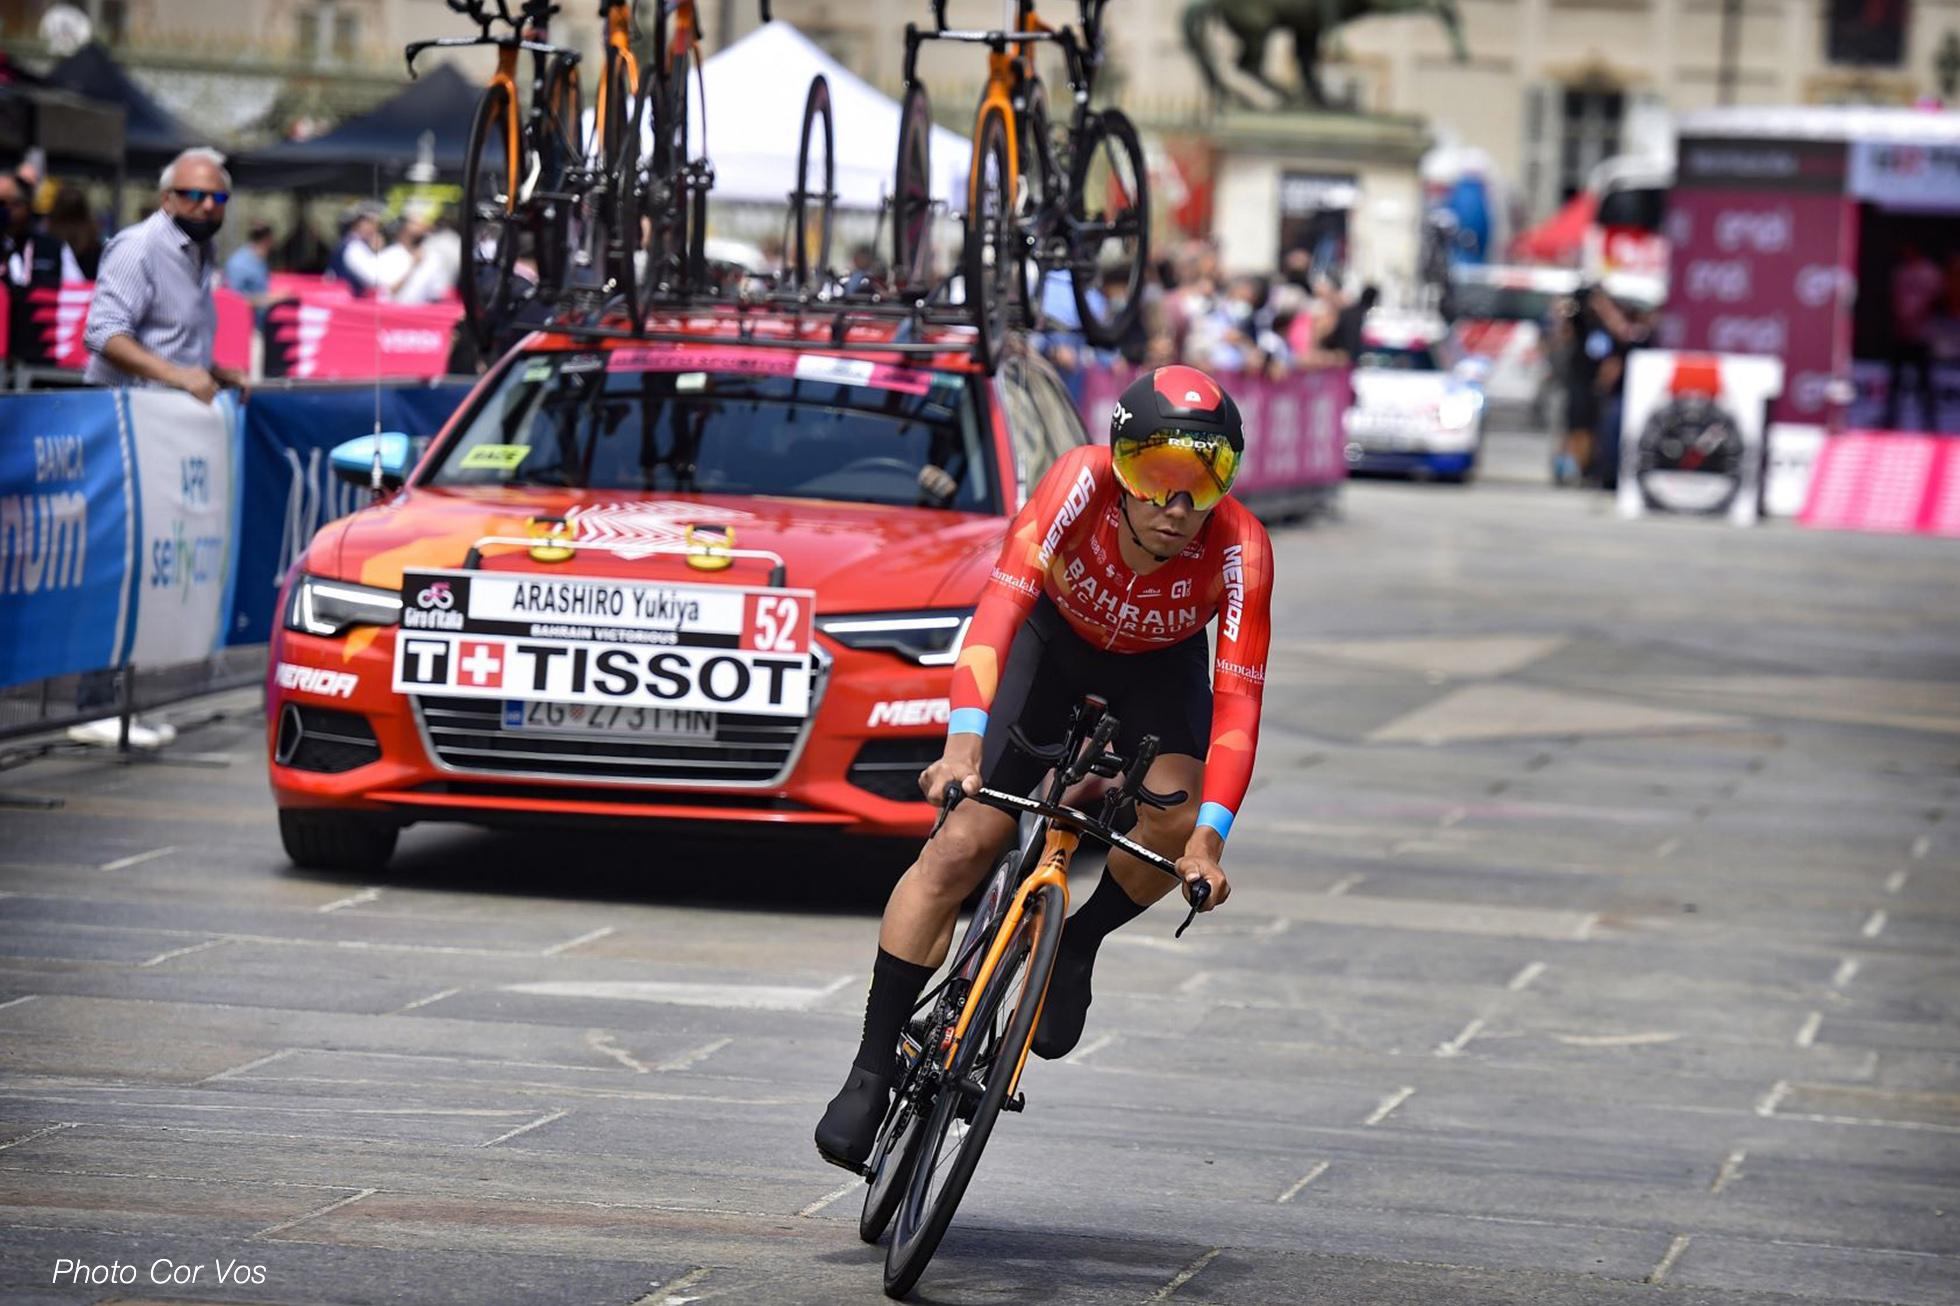 104回 ジロ・デ・イタリア 新城幸也 ユキヤ通信 Stage 1